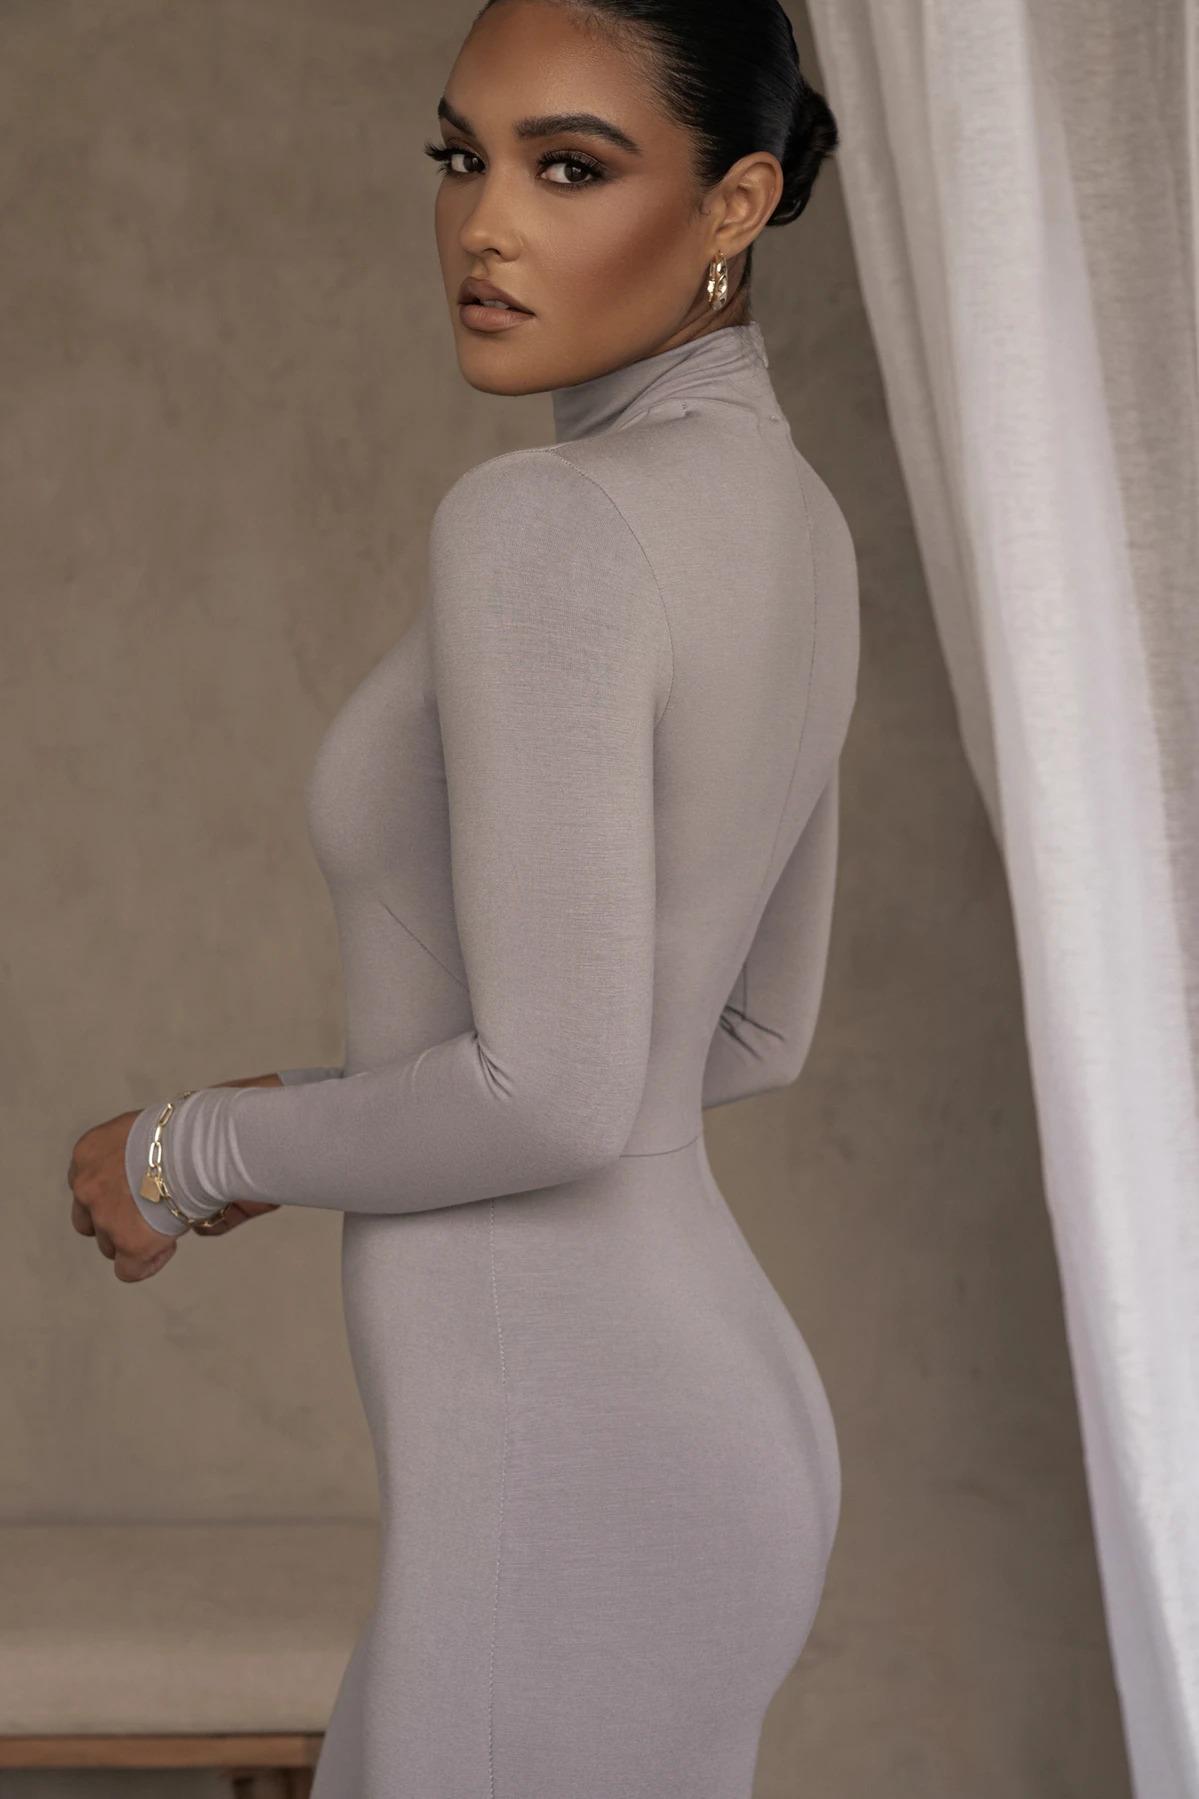 大方高端女裝Tight-Fitting Long Sleeve Jumpsuit 純色性感緊身連身褲